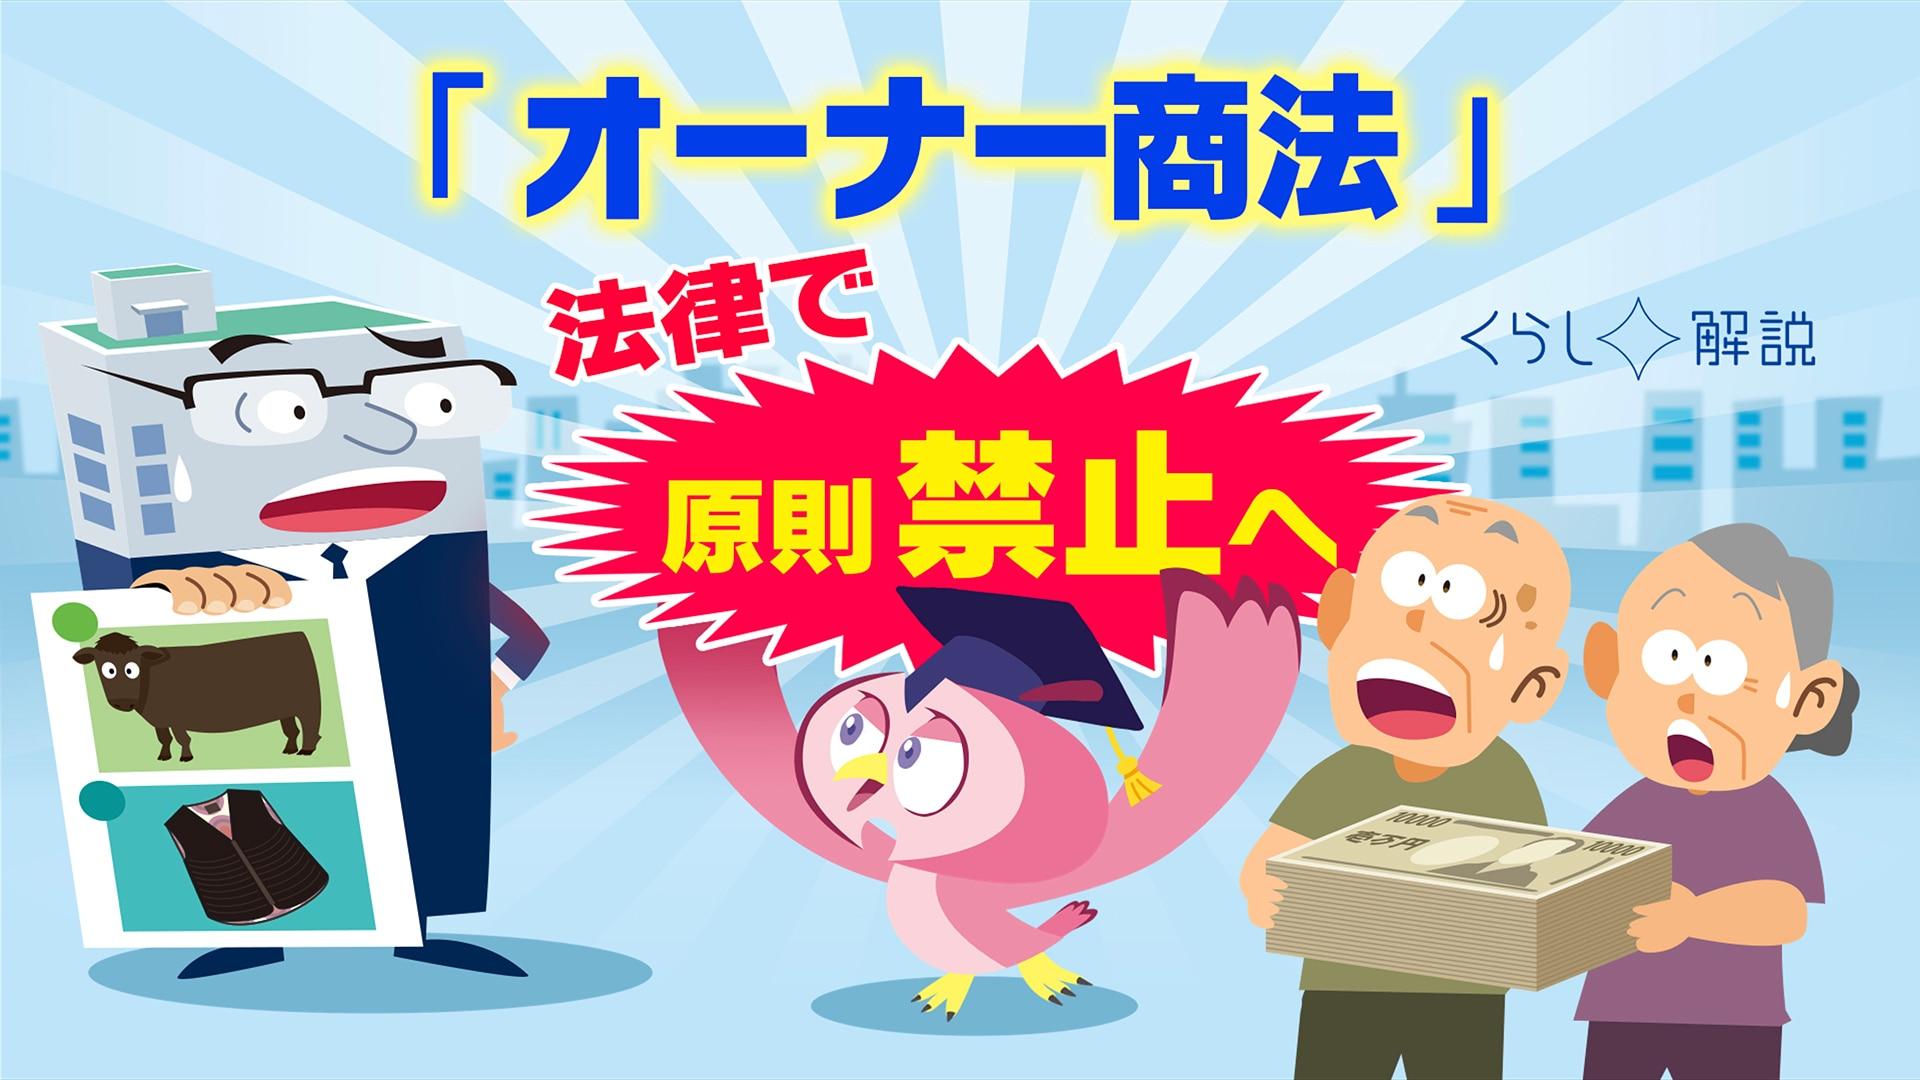 """オーナー商法"""" 法律で原則禁止へ」 - くらし☆解説 - NHK"""